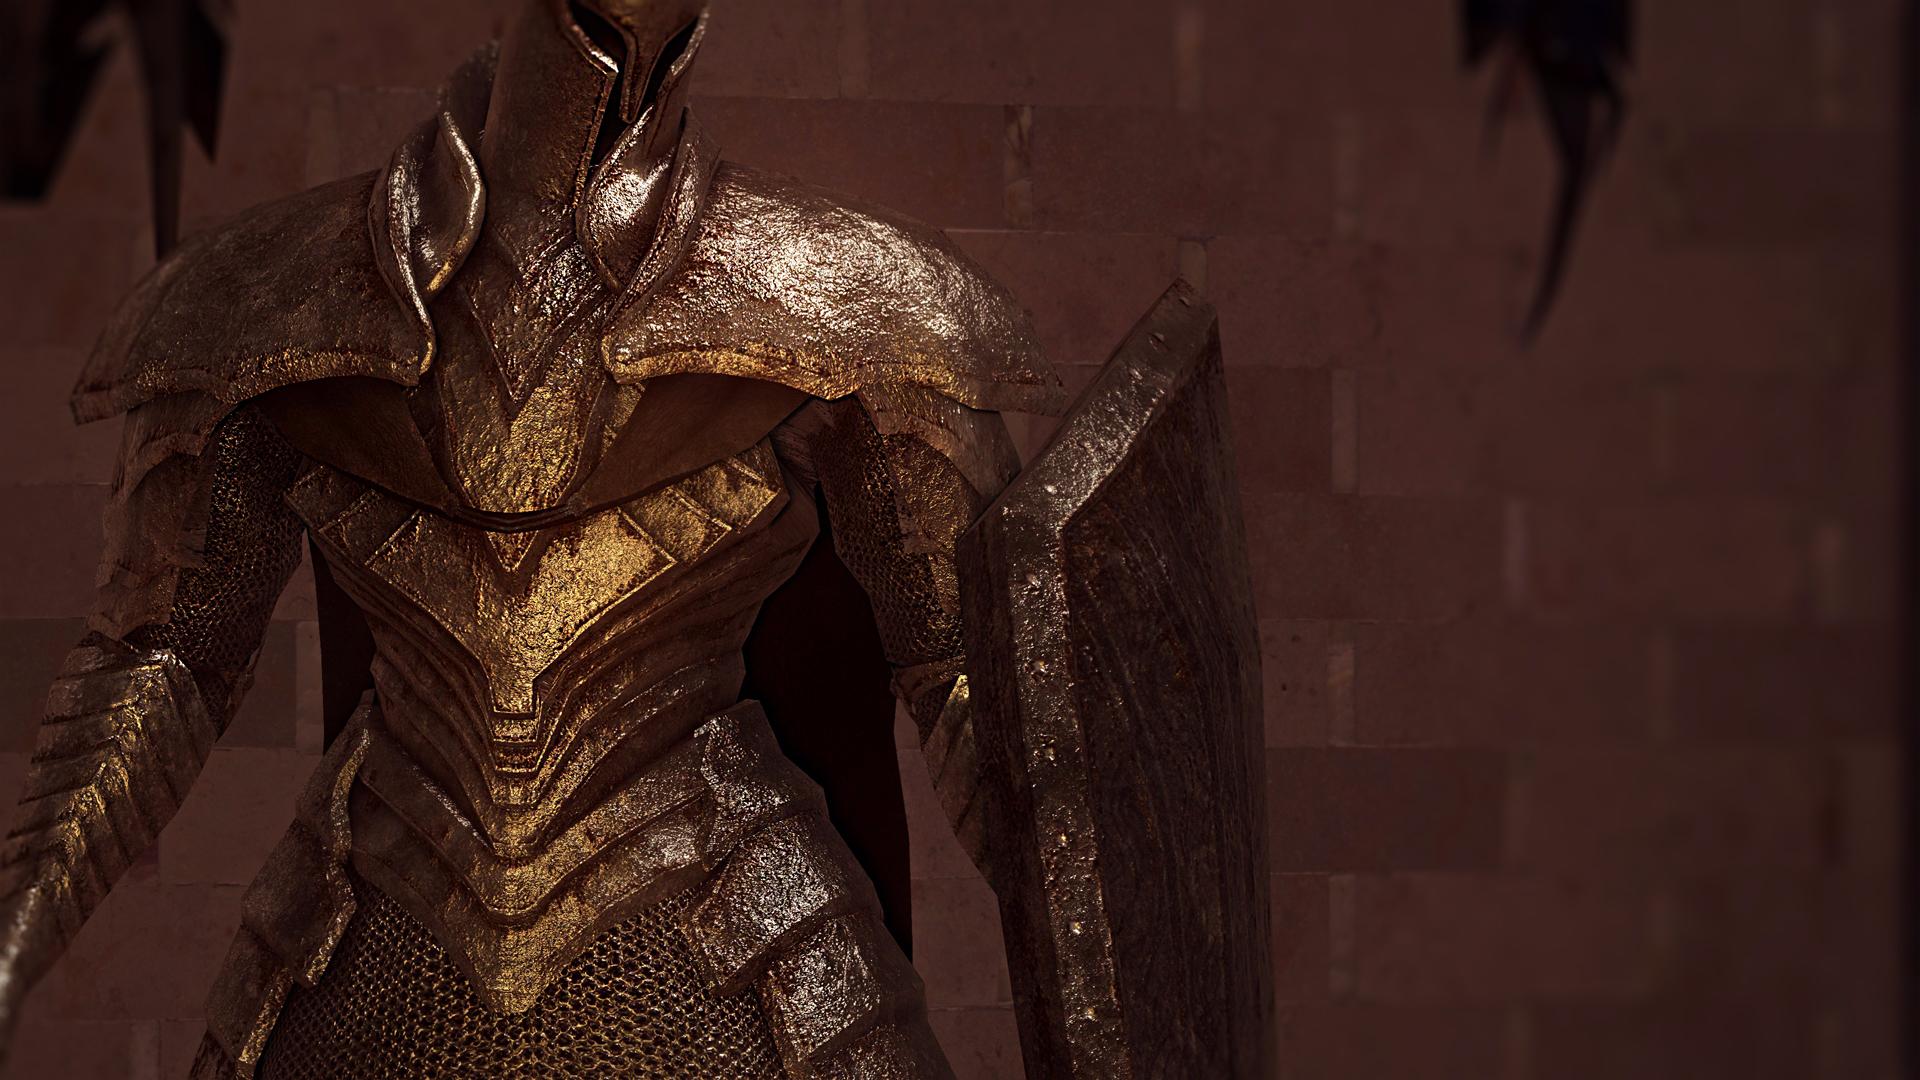 Un mod mejora notablemente las texturas de Dark Souls Remastered